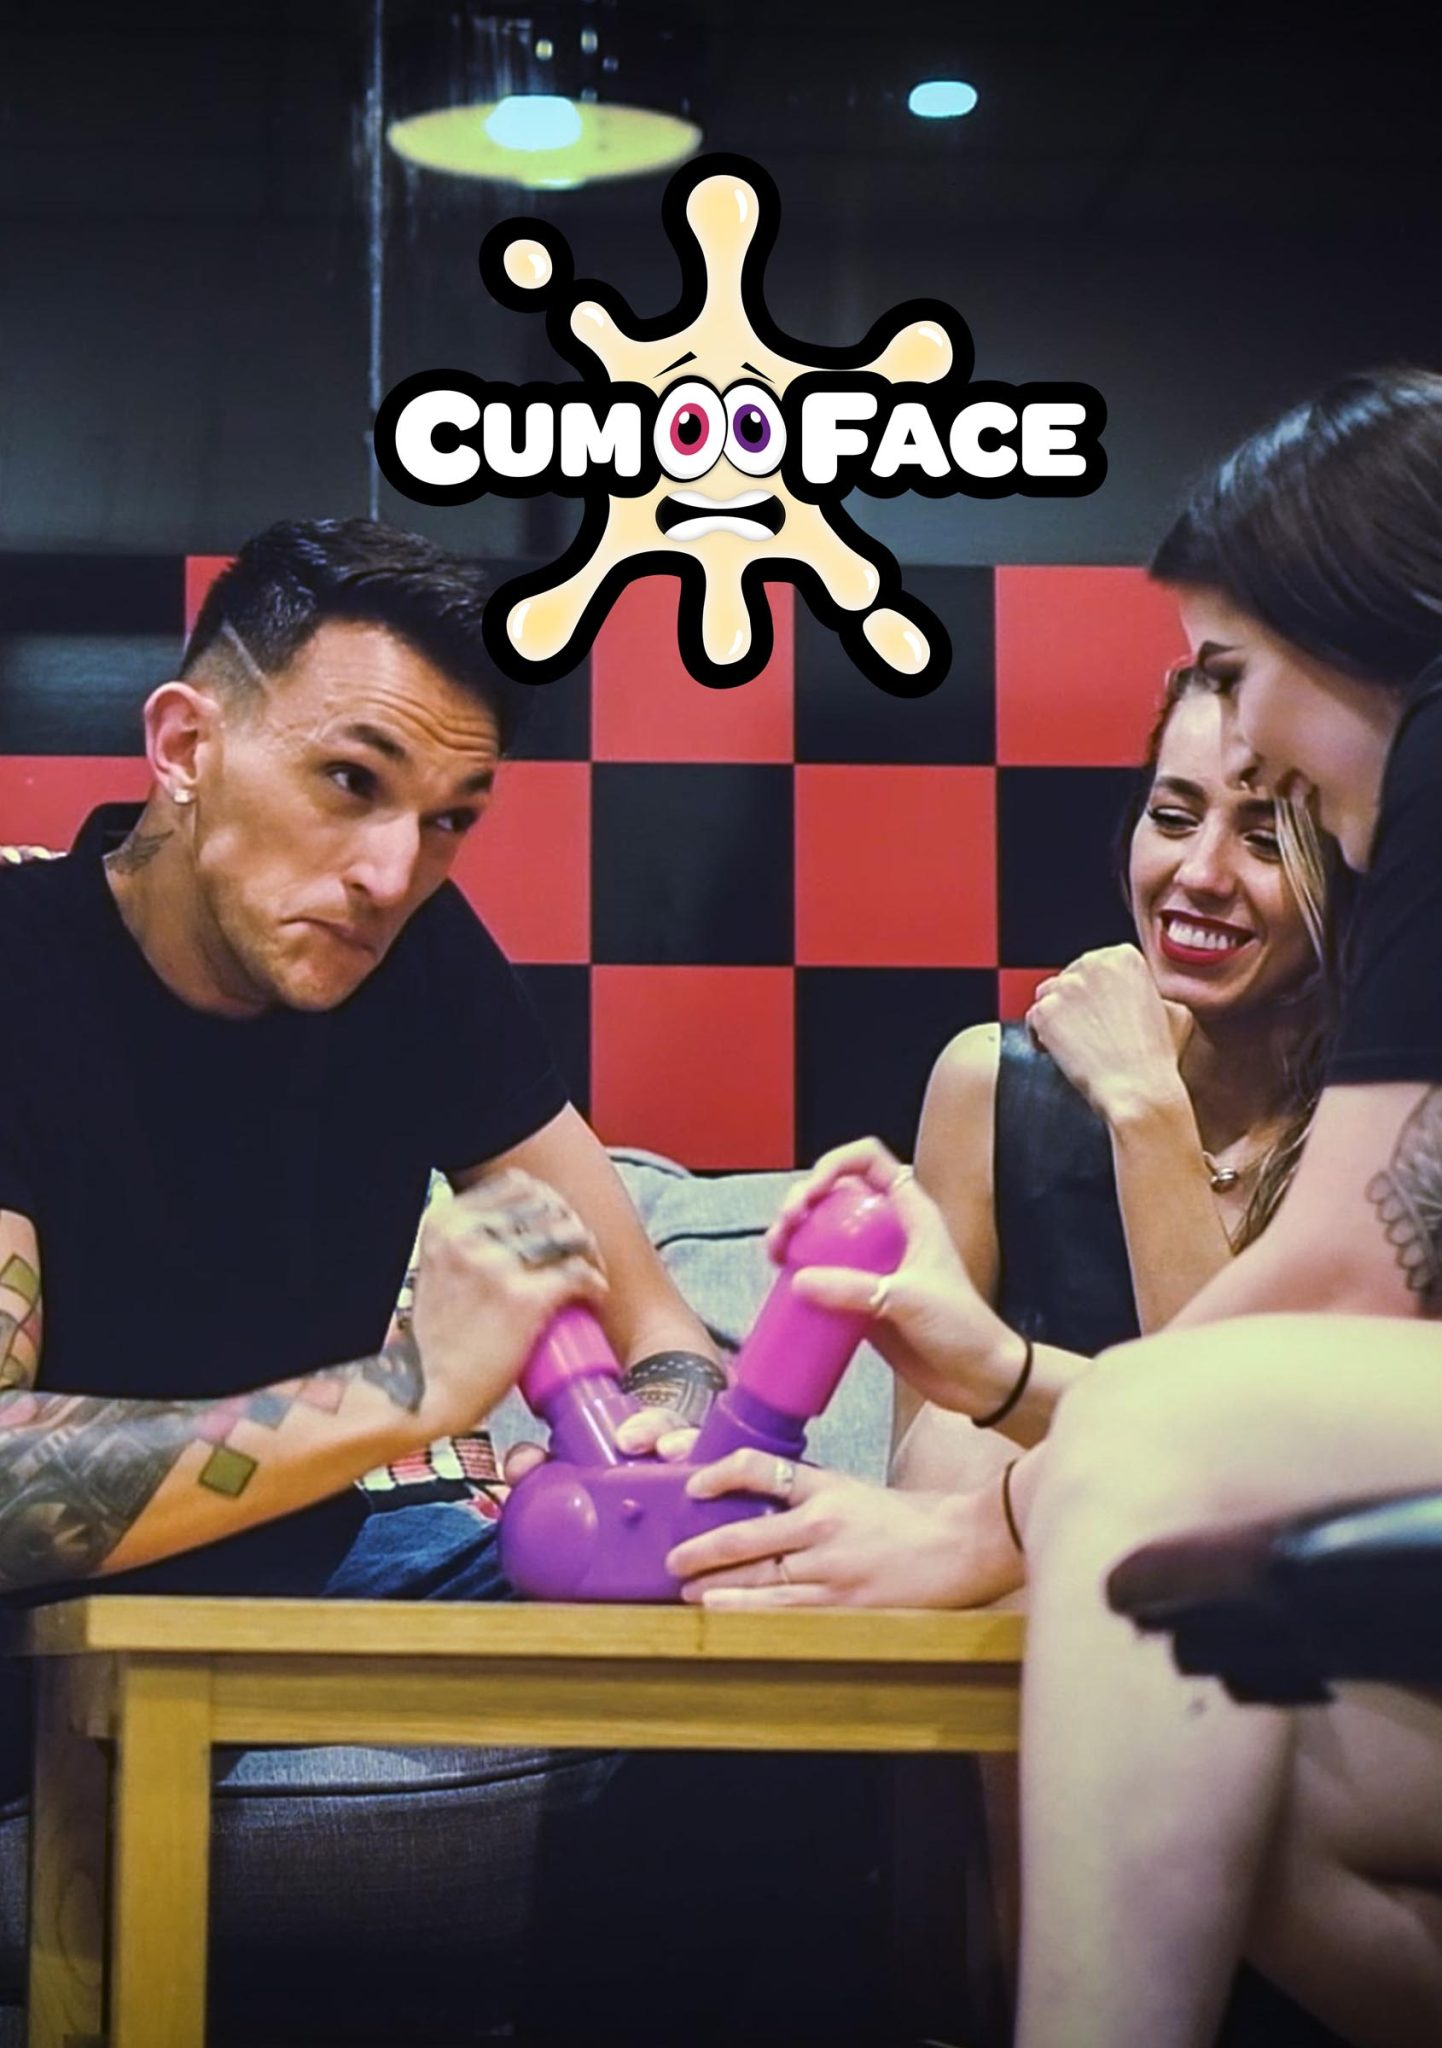 Cum Face Penis Game